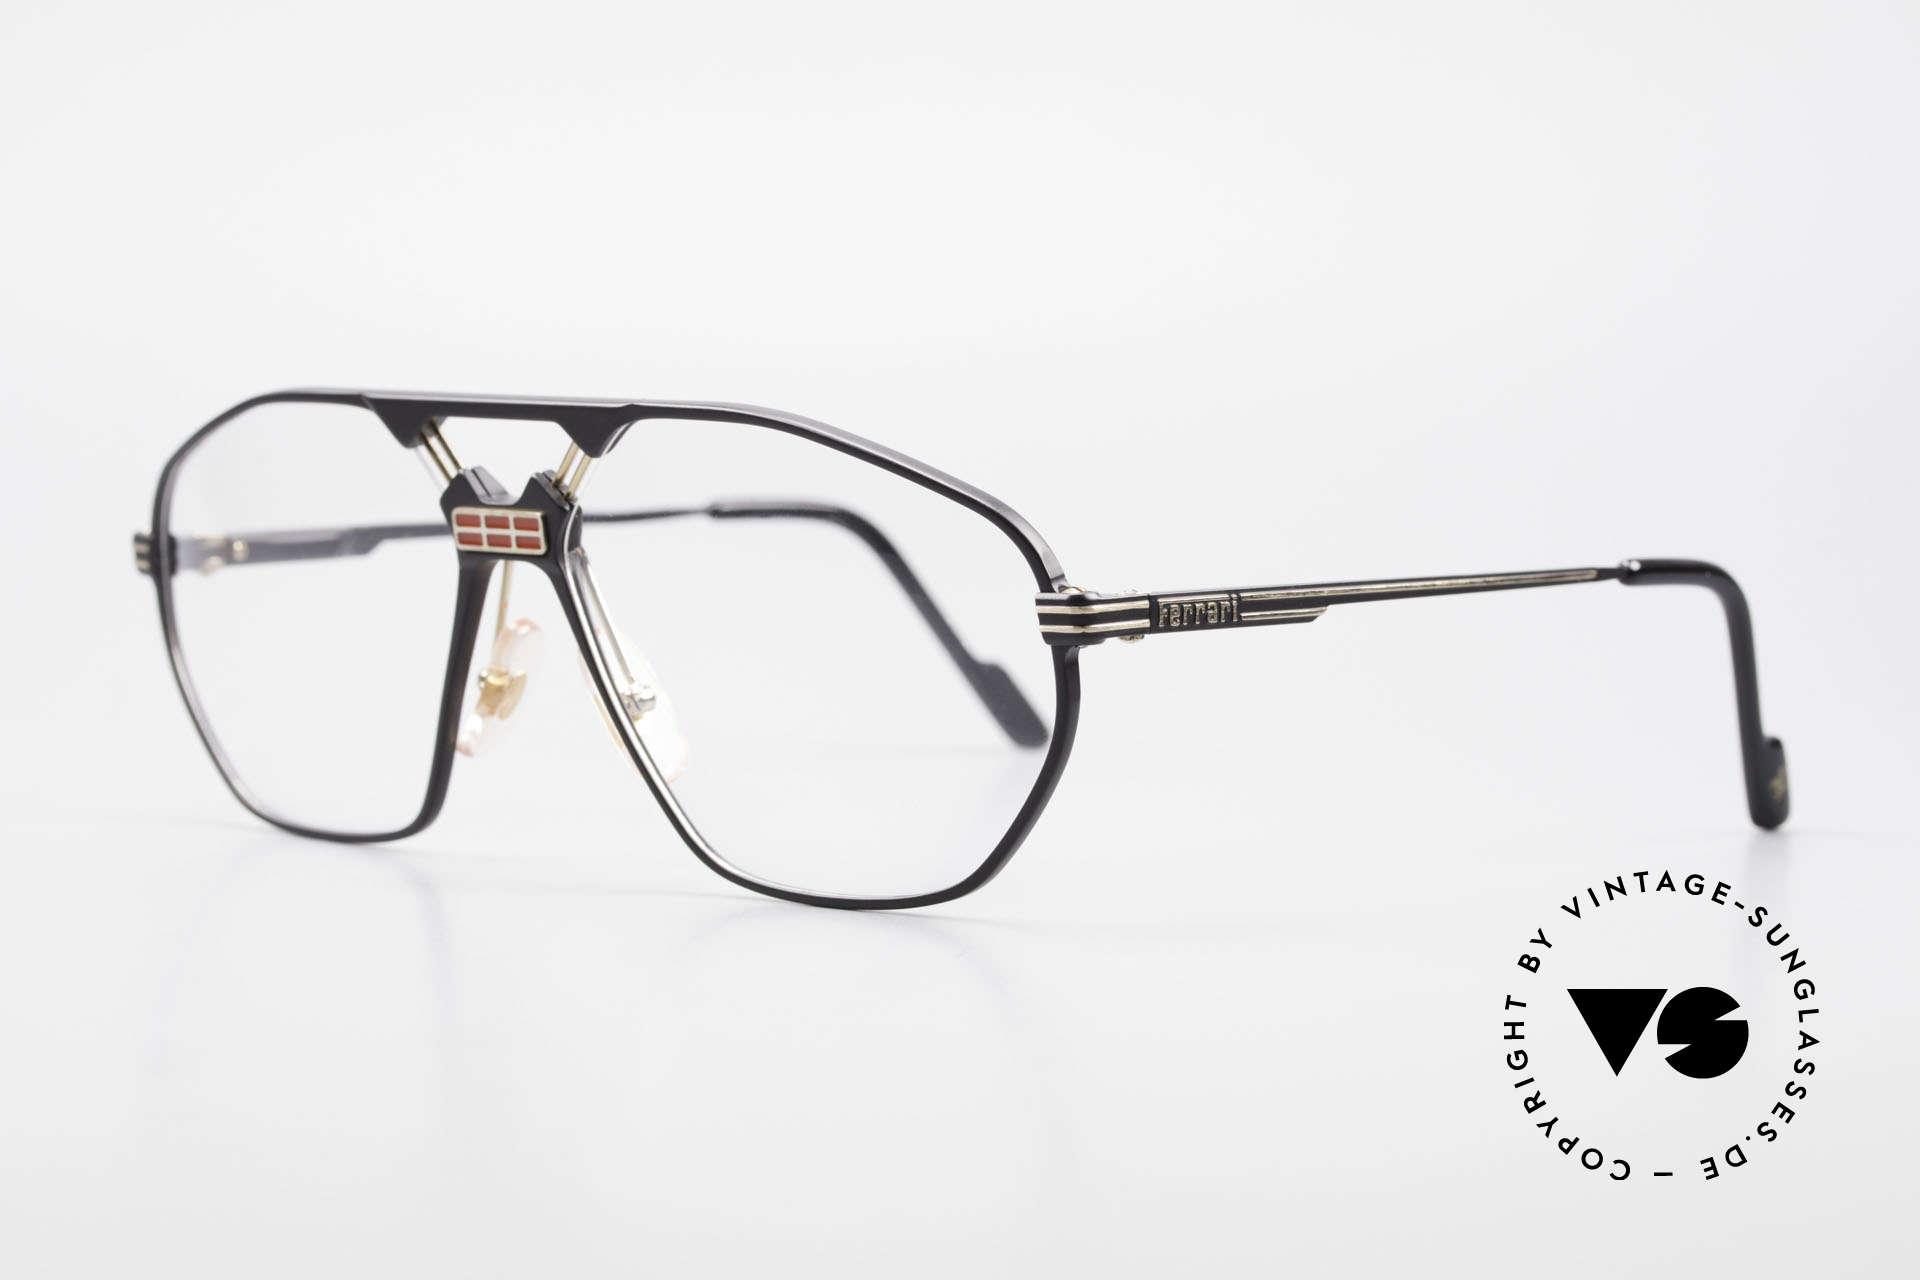 """Ferrari F22 Men's Rare Vintage Glasses 90s, modified """"aviator eyeglasses""""; flexible spring hinges, Made for Men"""